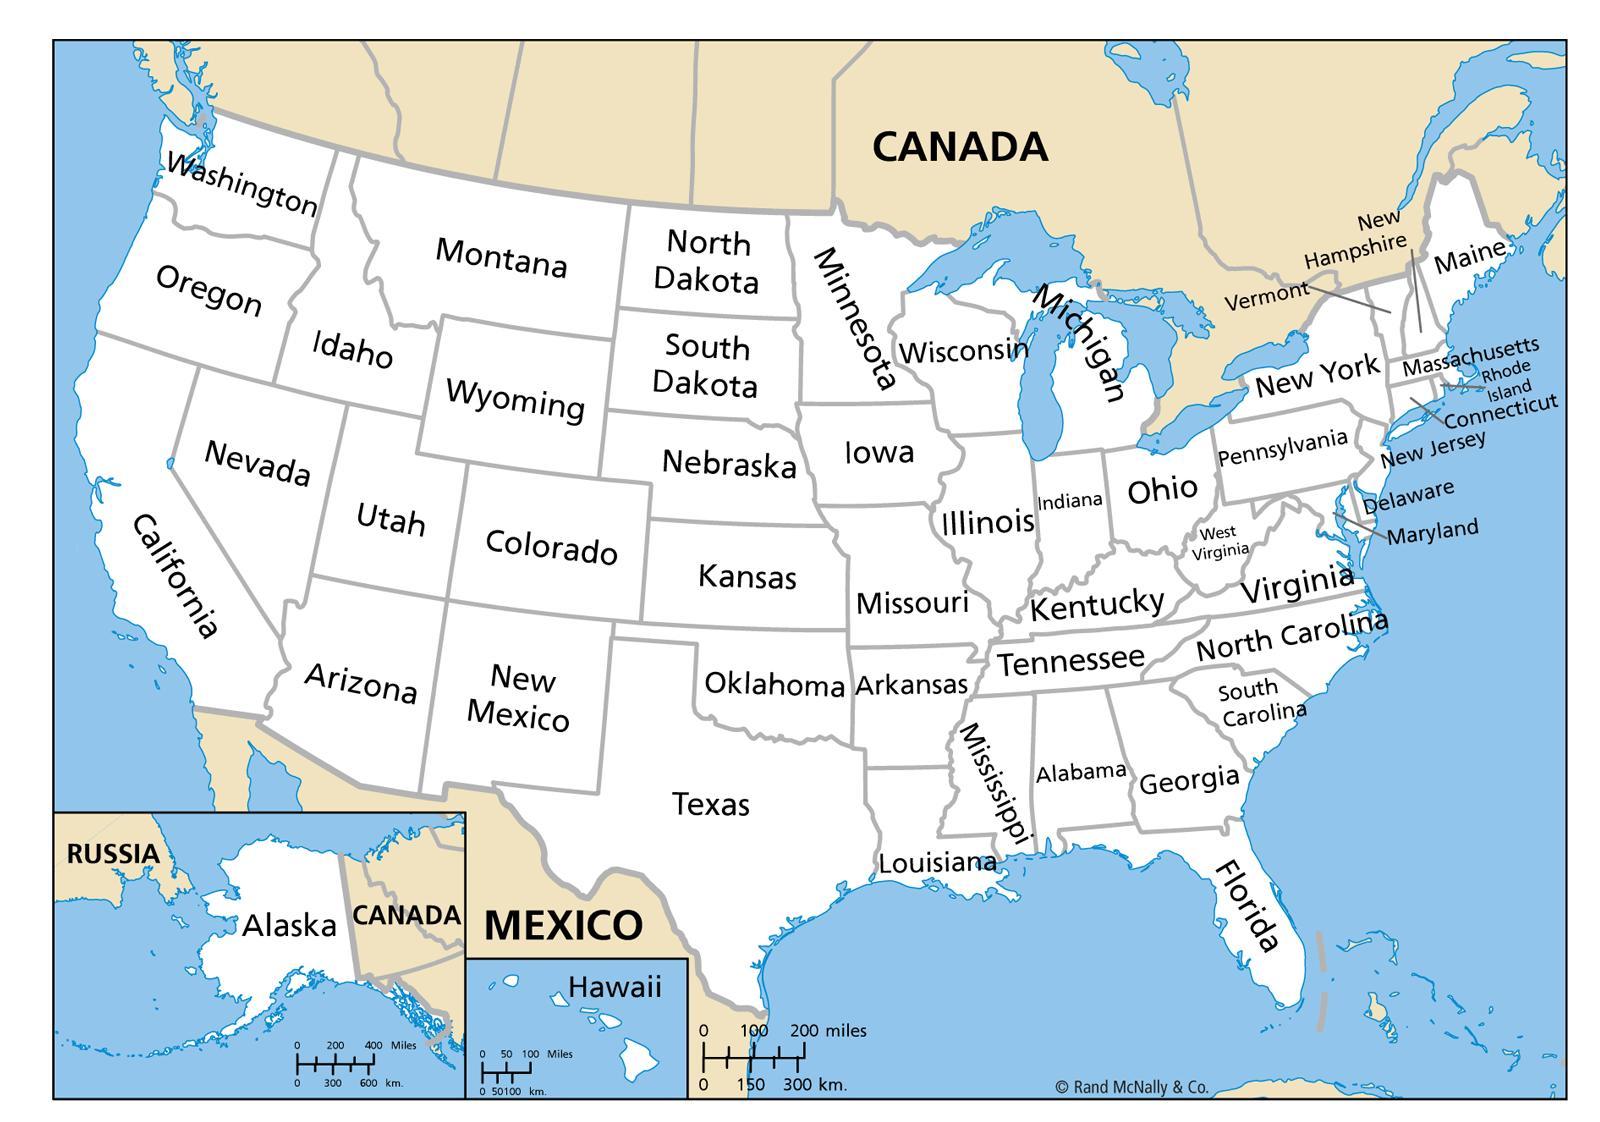 carte de l amérique du nord avec les états Carte des états unis avec les États   Carte des États unis avec